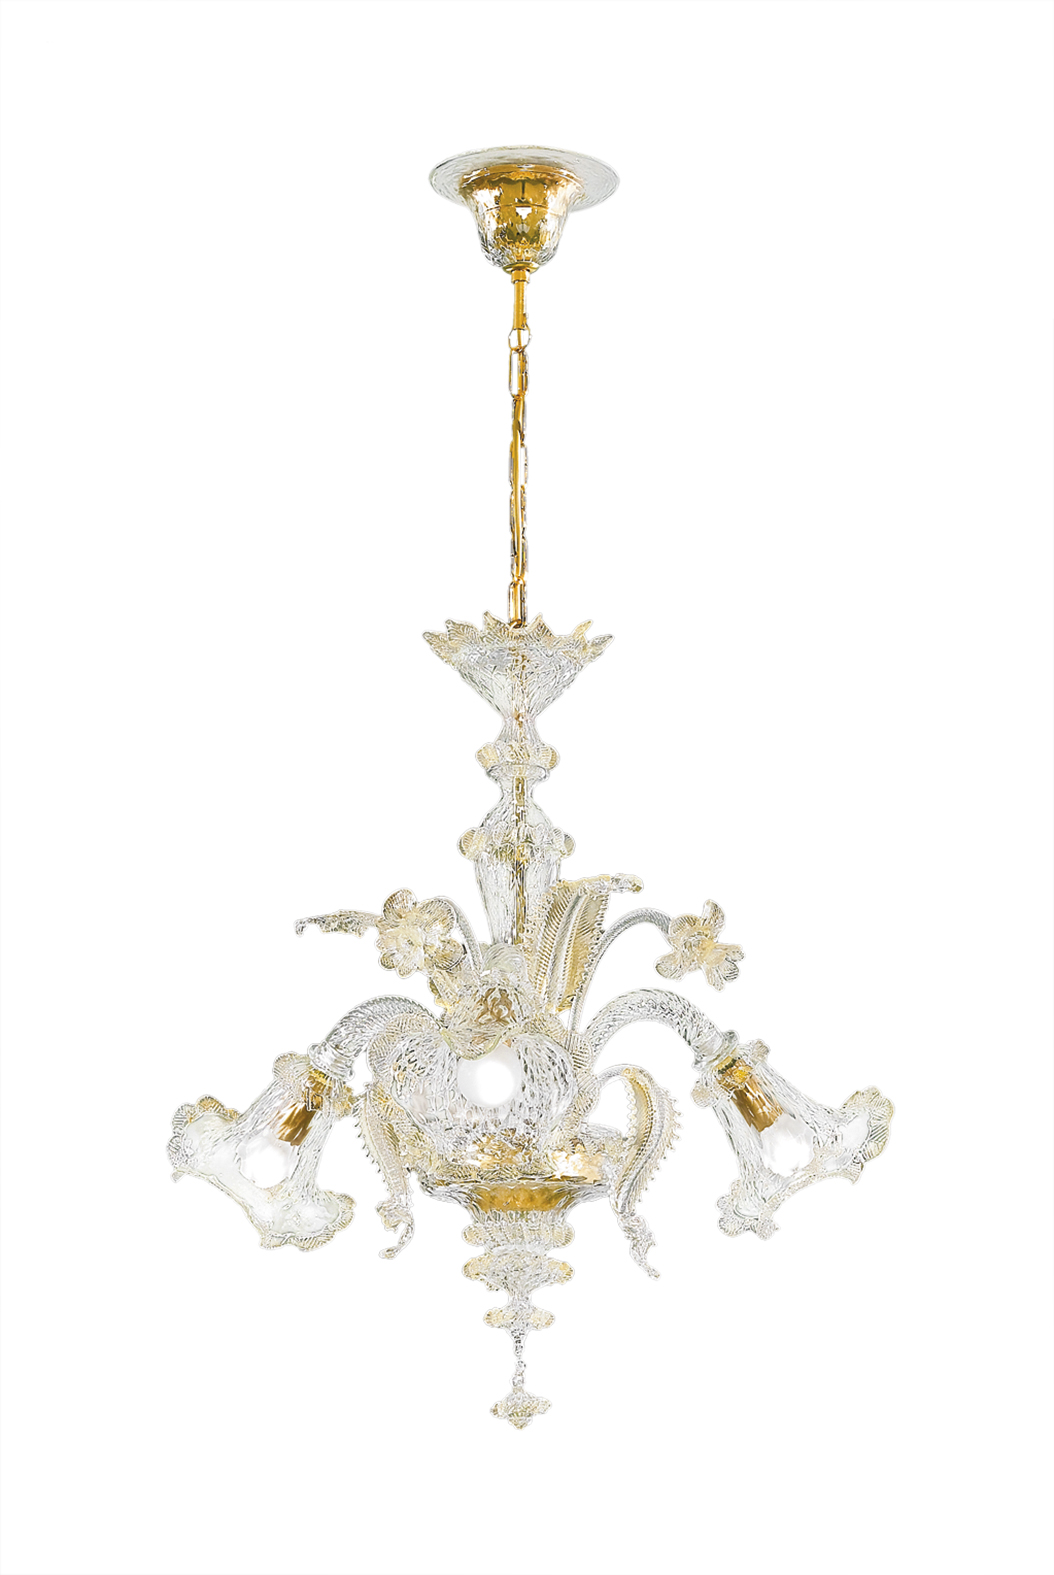 Darwin lampadario murano cerchi un lampadario murano for Lampadario palline vetro